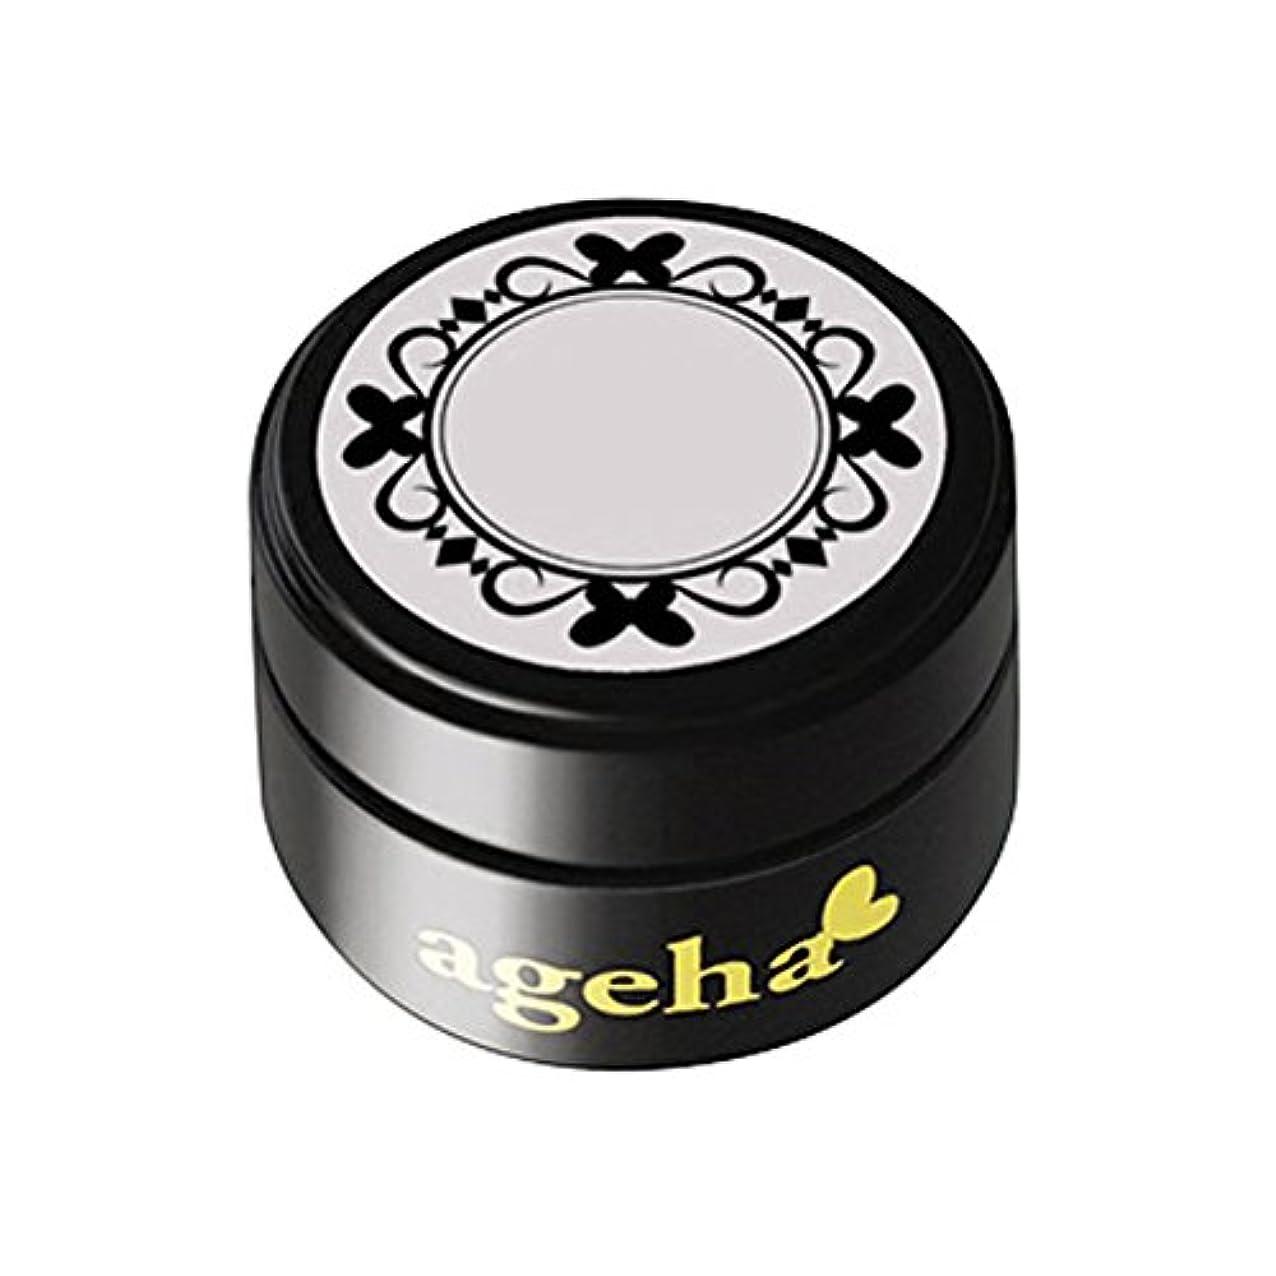 薬用窒素気をつけてageha gel カラージェル コスメカラー 217 オーキッド 2.7g UV/LED対応